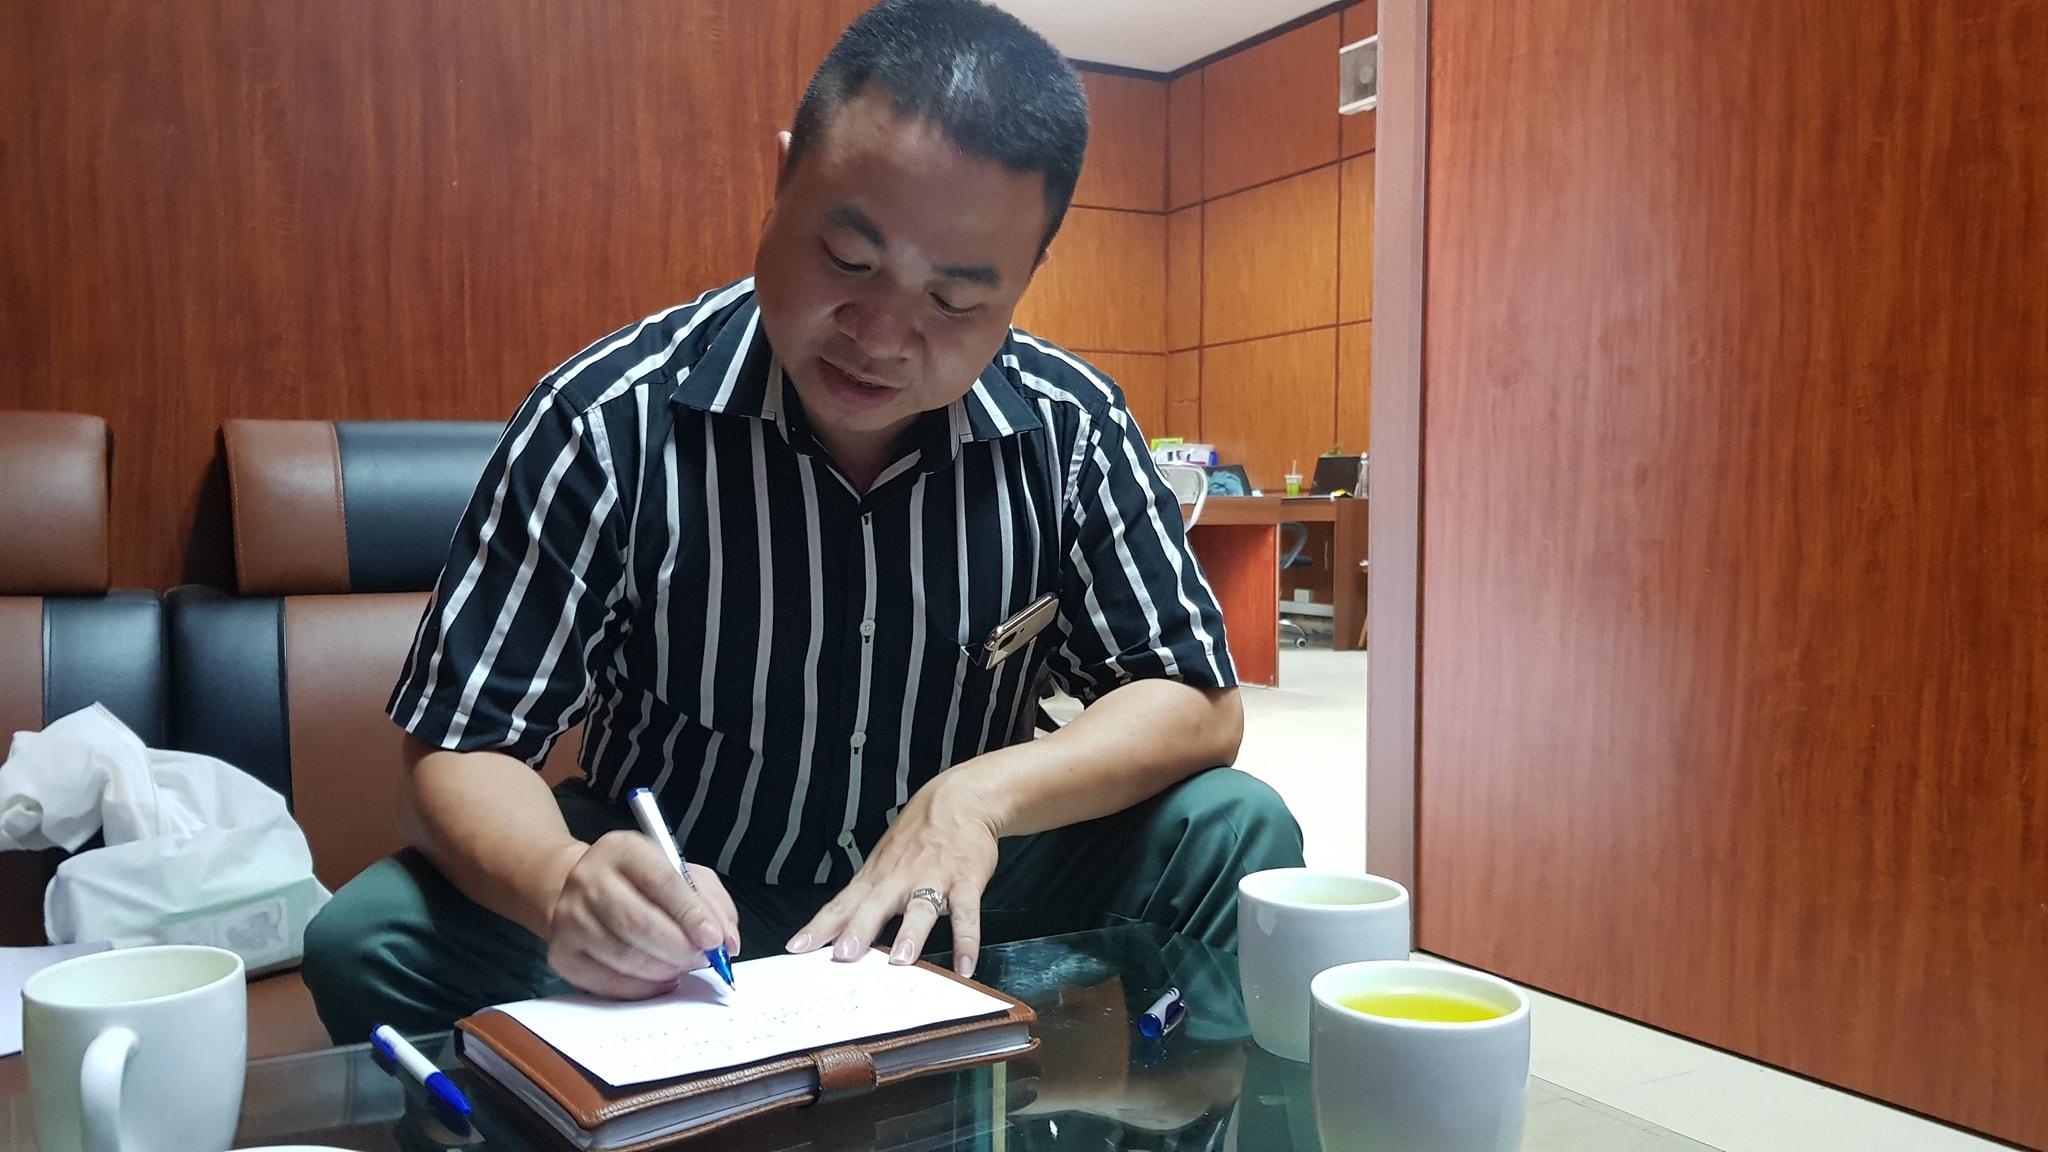 """Phản hồi sau loạt bài về """"Trường trung cấp Future Việt Nam không học, không thi vẫn cấp chứng chỉ"""" - Ảnh 1"""